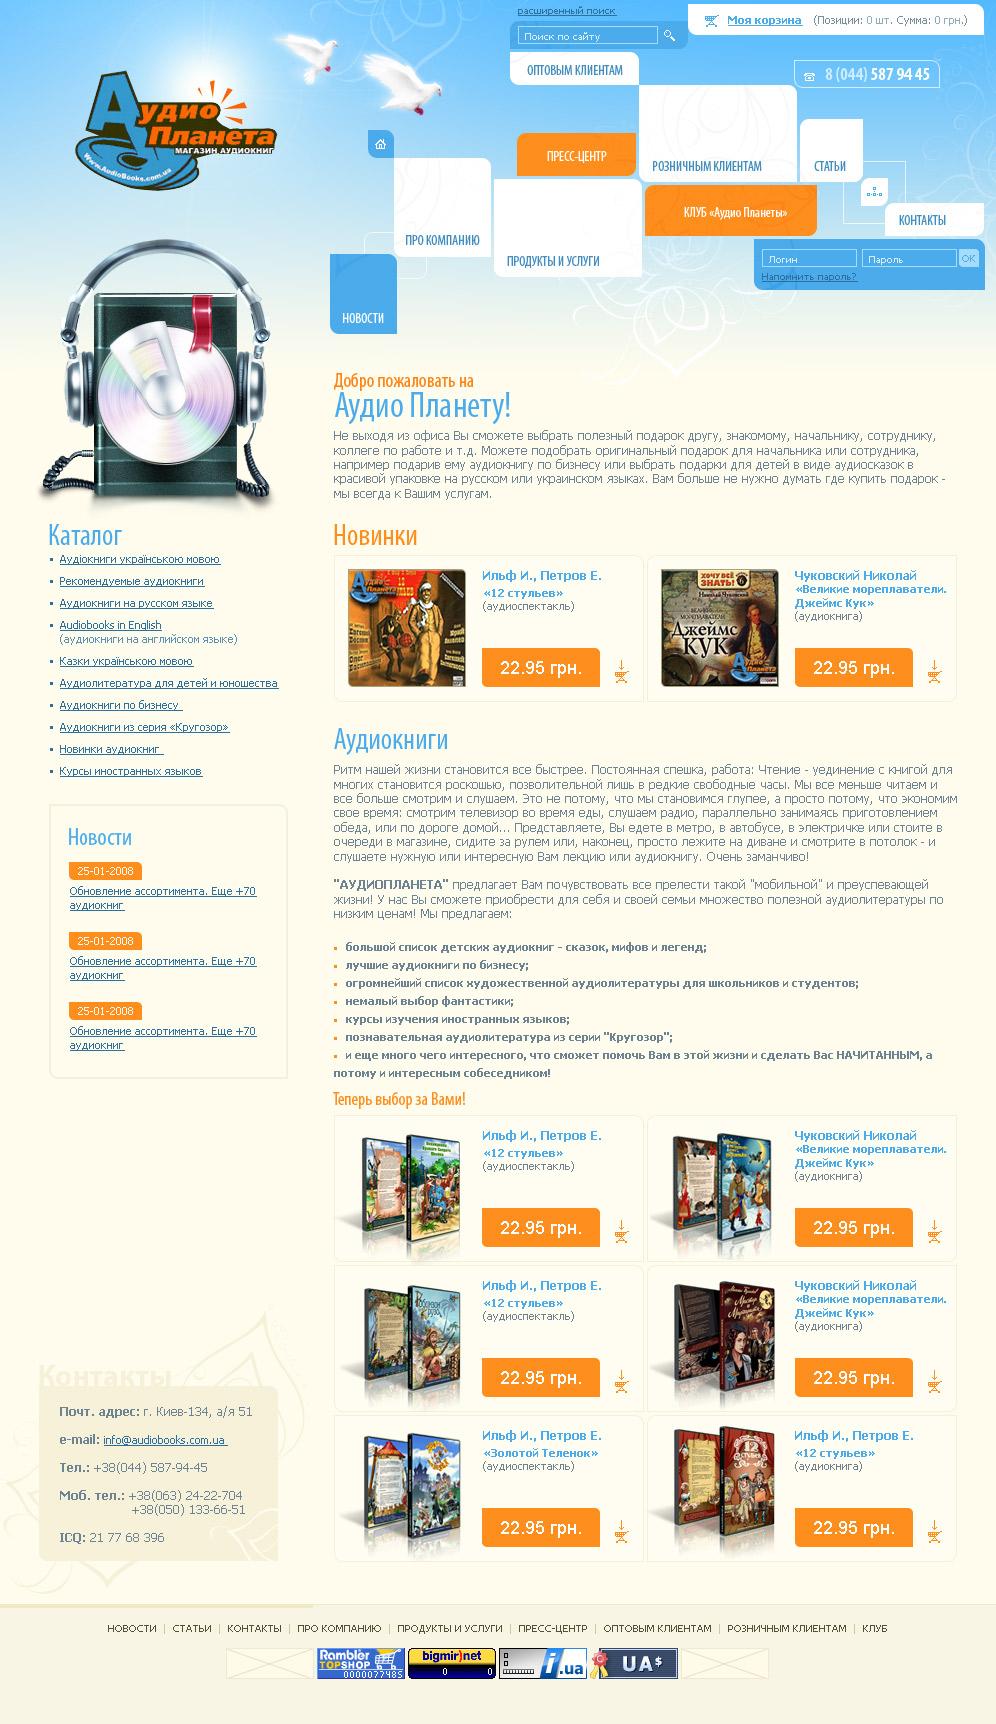 AudioPlanet.com.ua